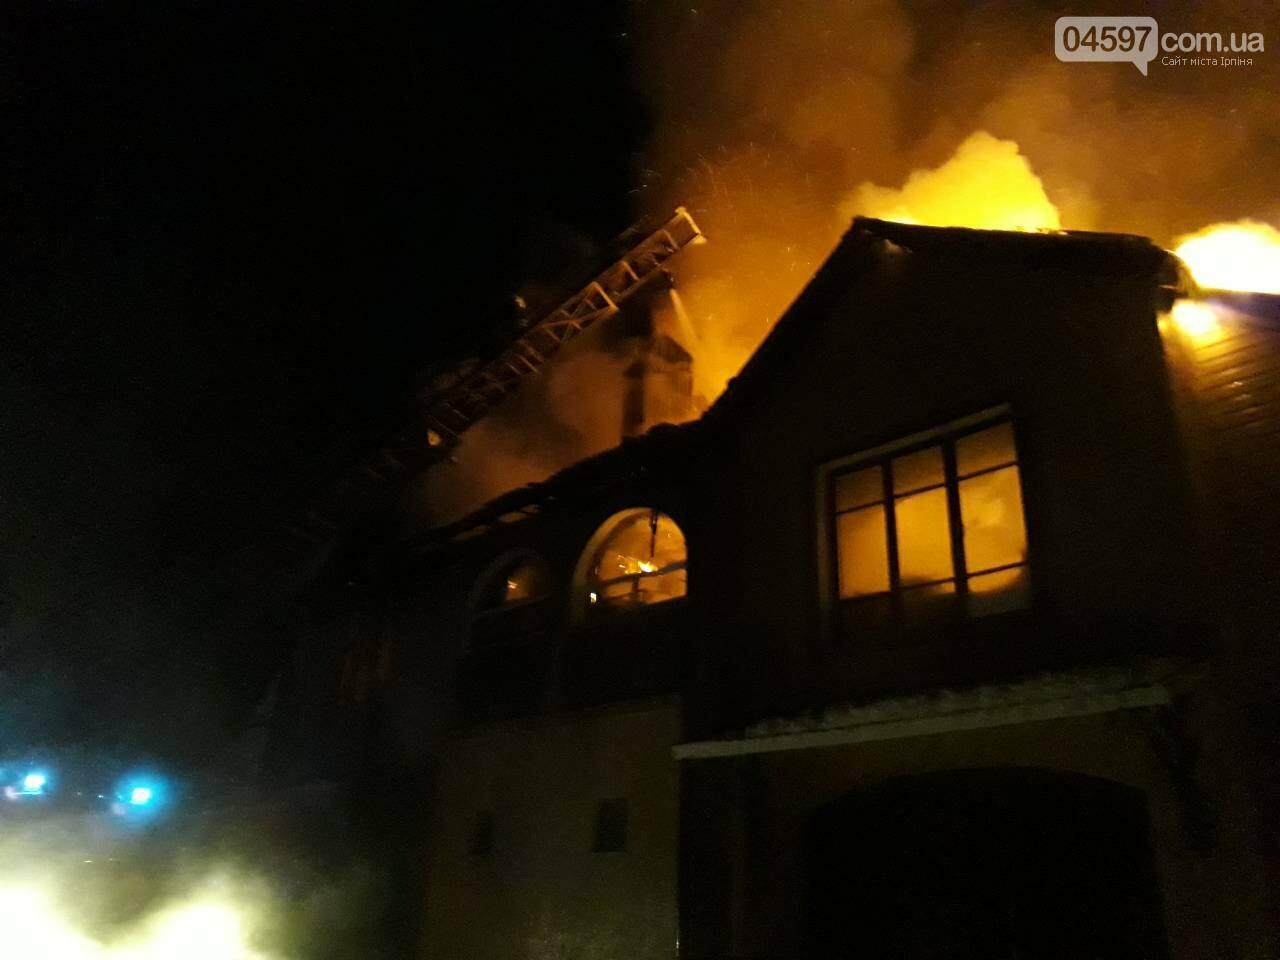 Масштабна пожежа в Ірпені: горів приватний будинок площею 400 м2, фото-1